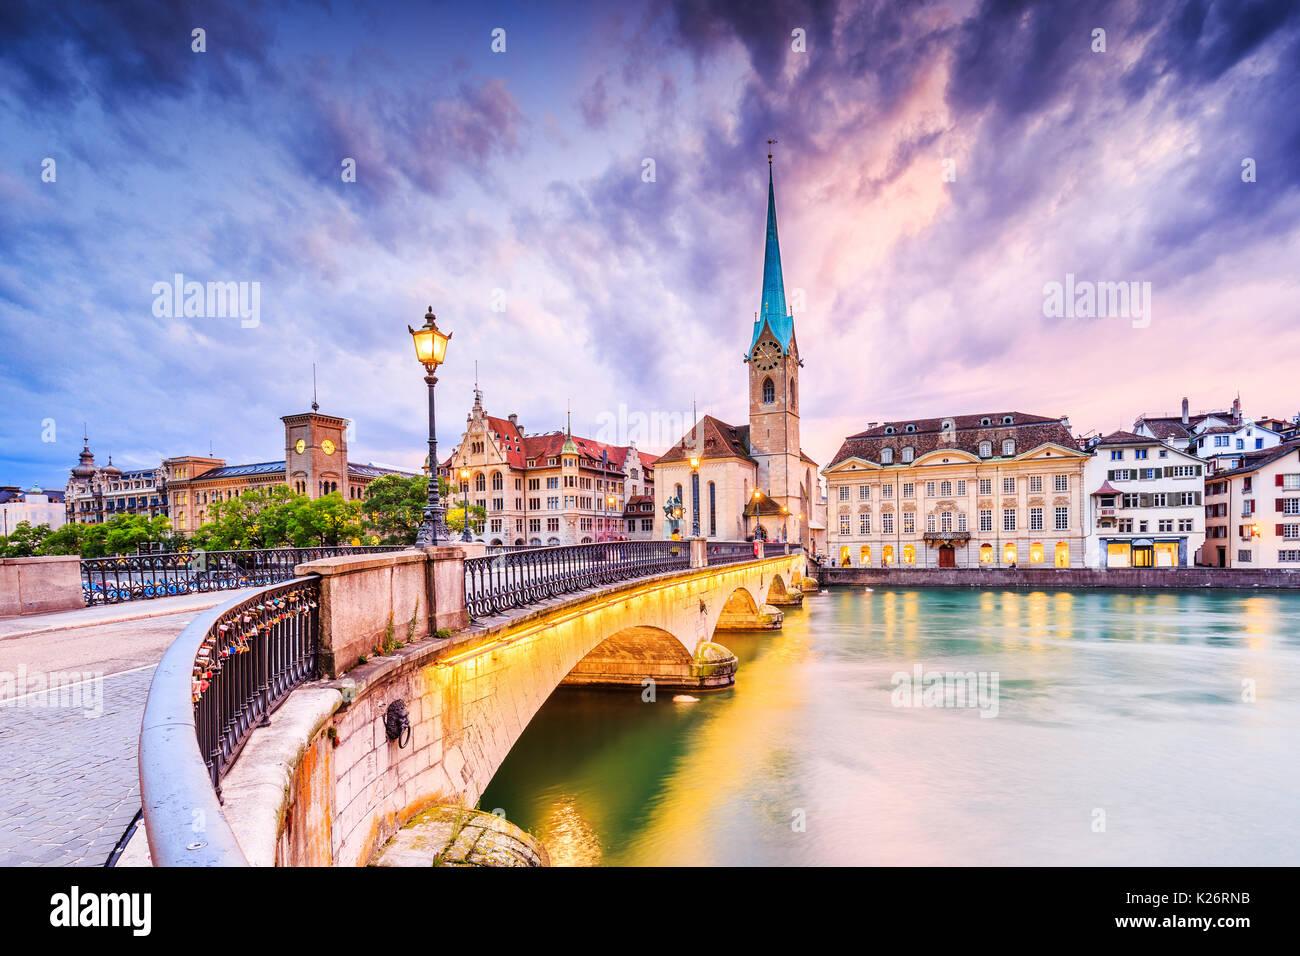 Zurigo, Svizzera. Vista del centro storico della città con la famosa Chiesa di Fraumuenster, sul fiume Limmat. Immagini Stock